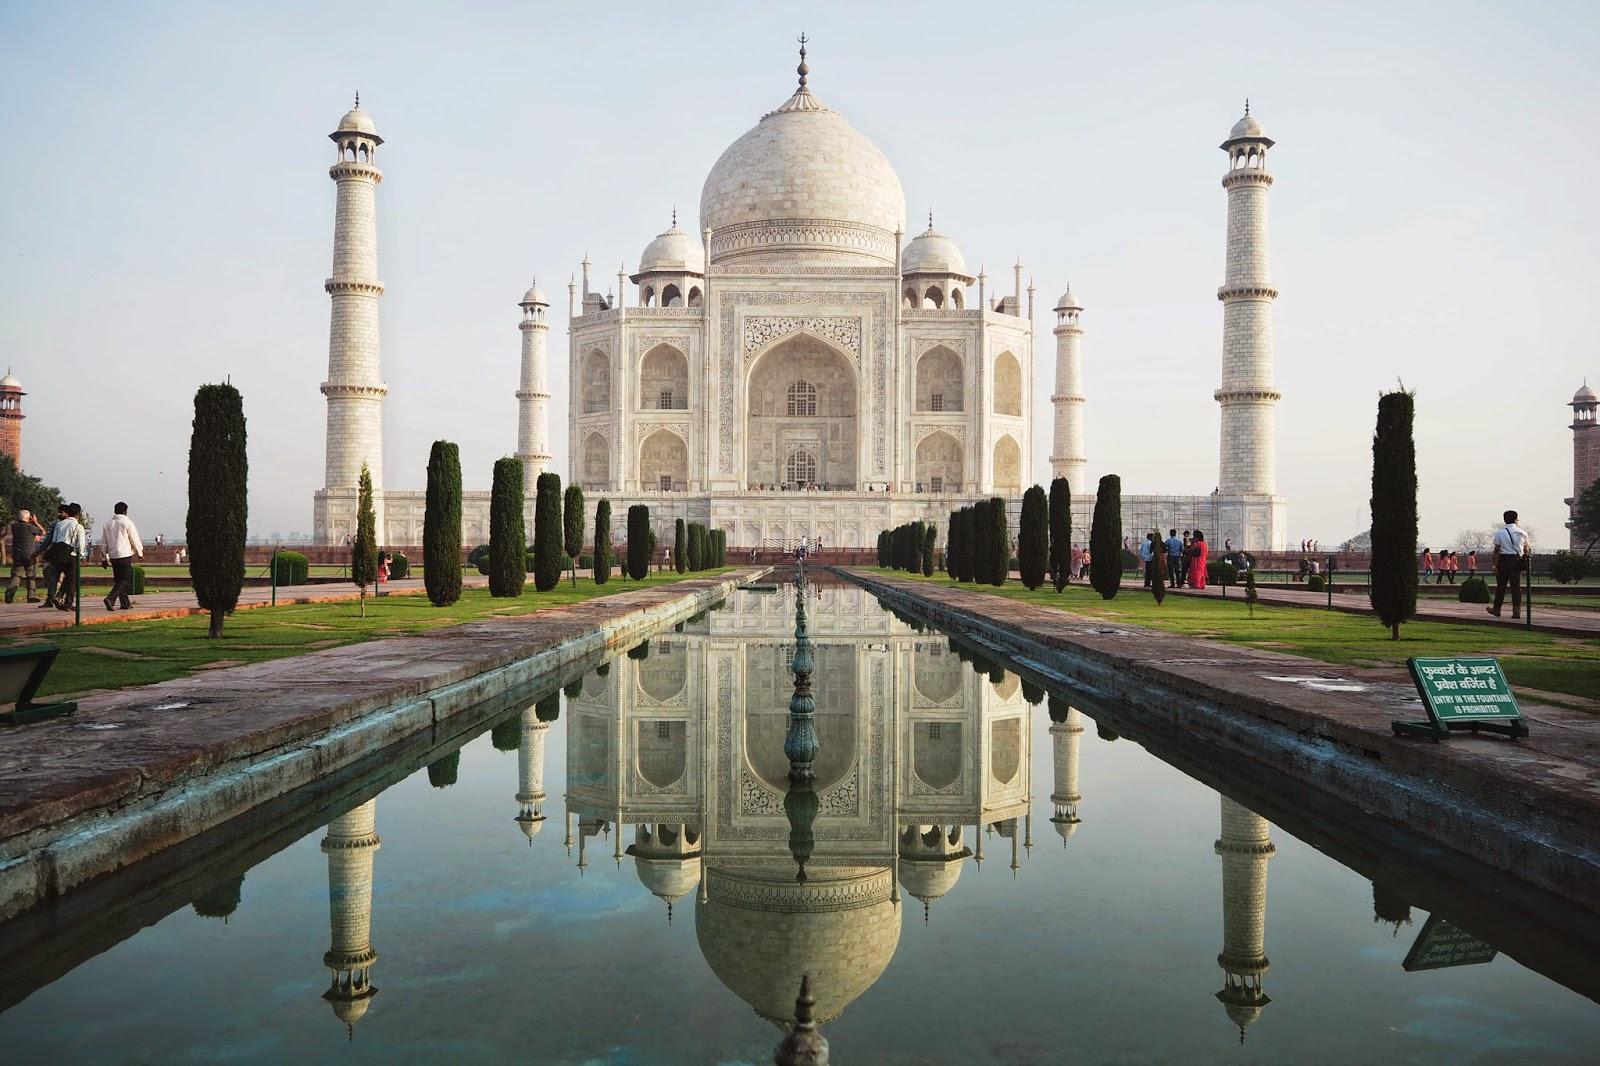 タージマハル(インド)の場所・入場料は?世界一きれいな霊廟の見どころも!